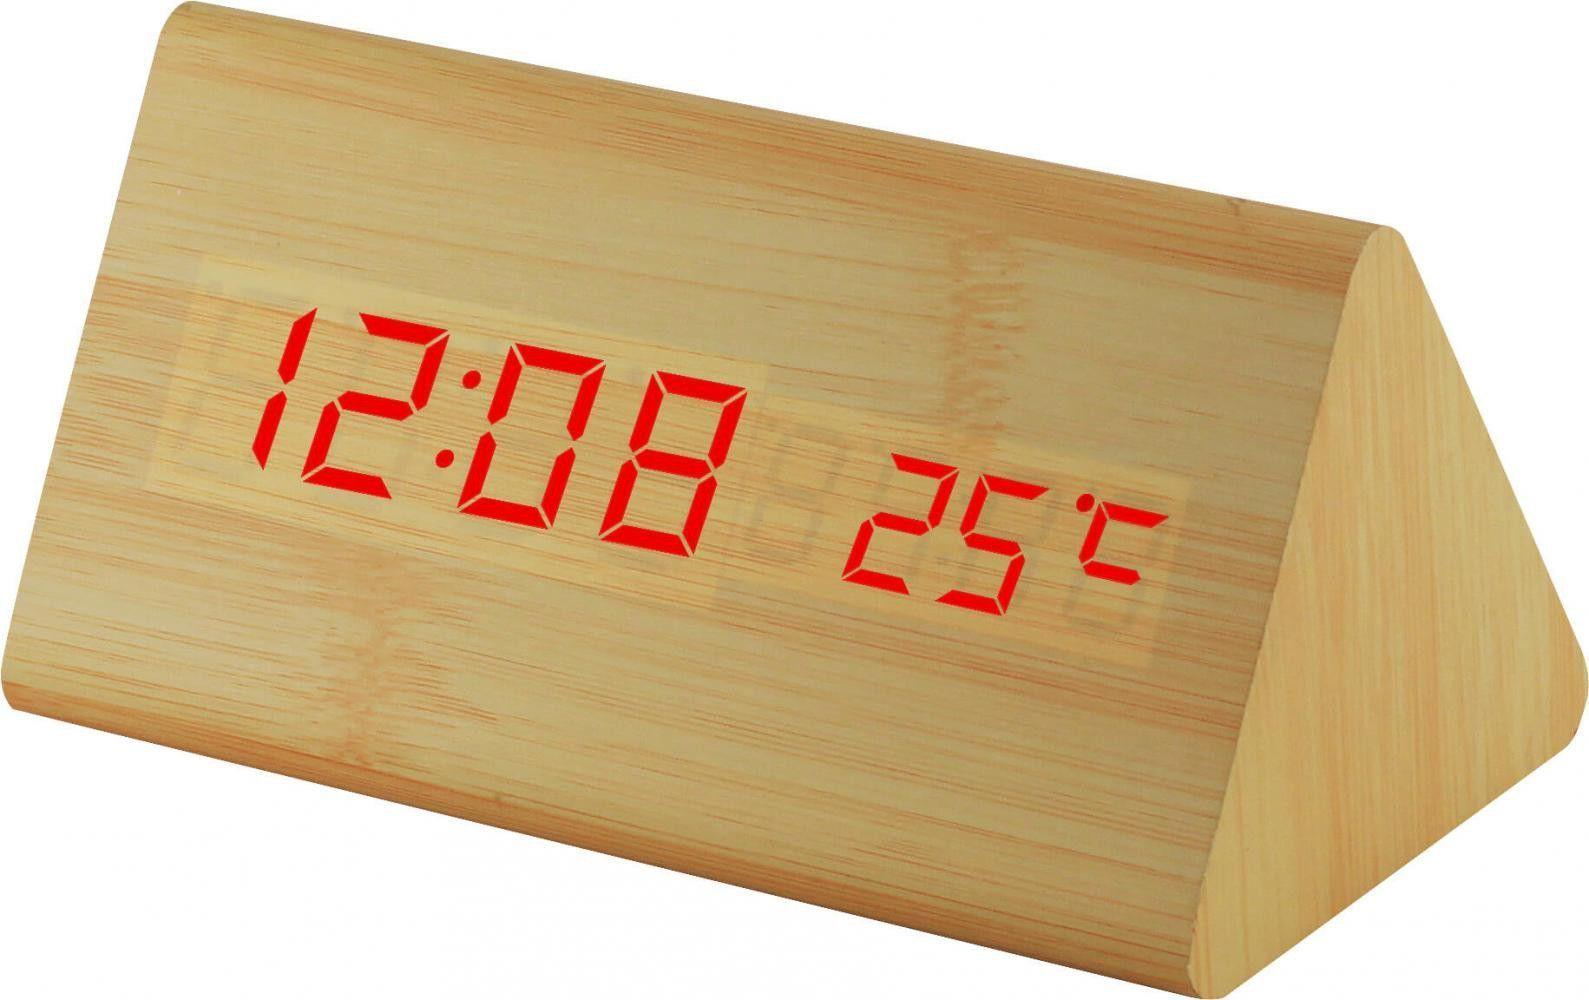 Digitální LED budík s datem a teploměrem, automatická rotace údajů a možnost volby intenzity displeje. Napájecí adaptér je součástí balení..0530 170846 Hodiny